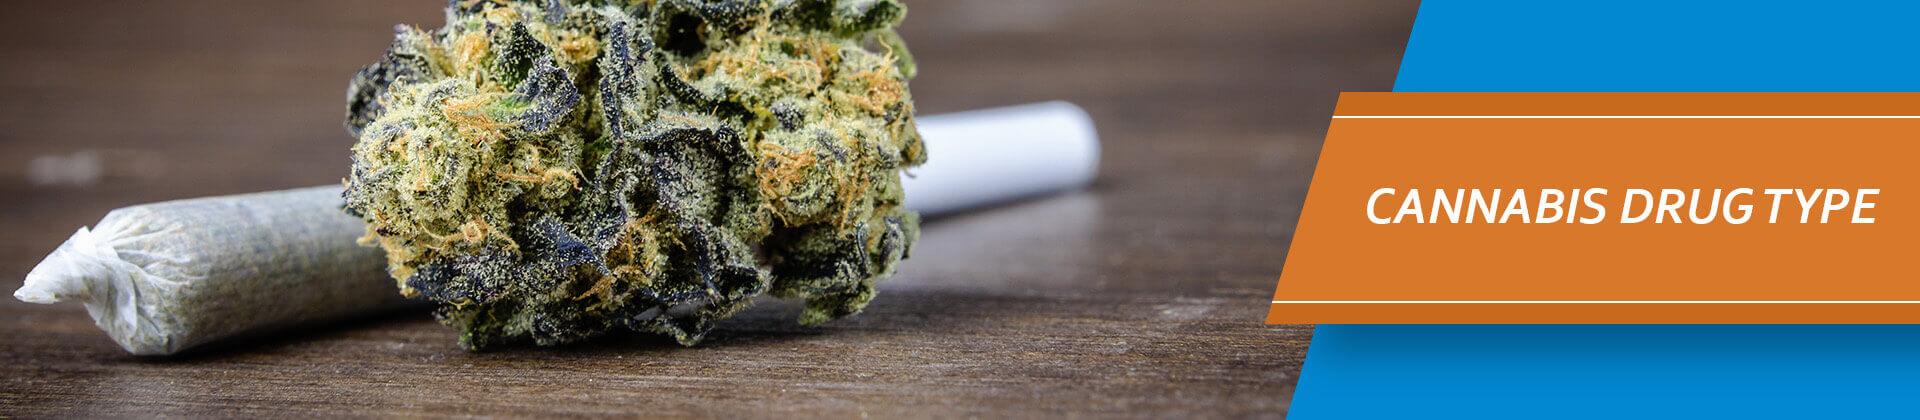 Weed drug type